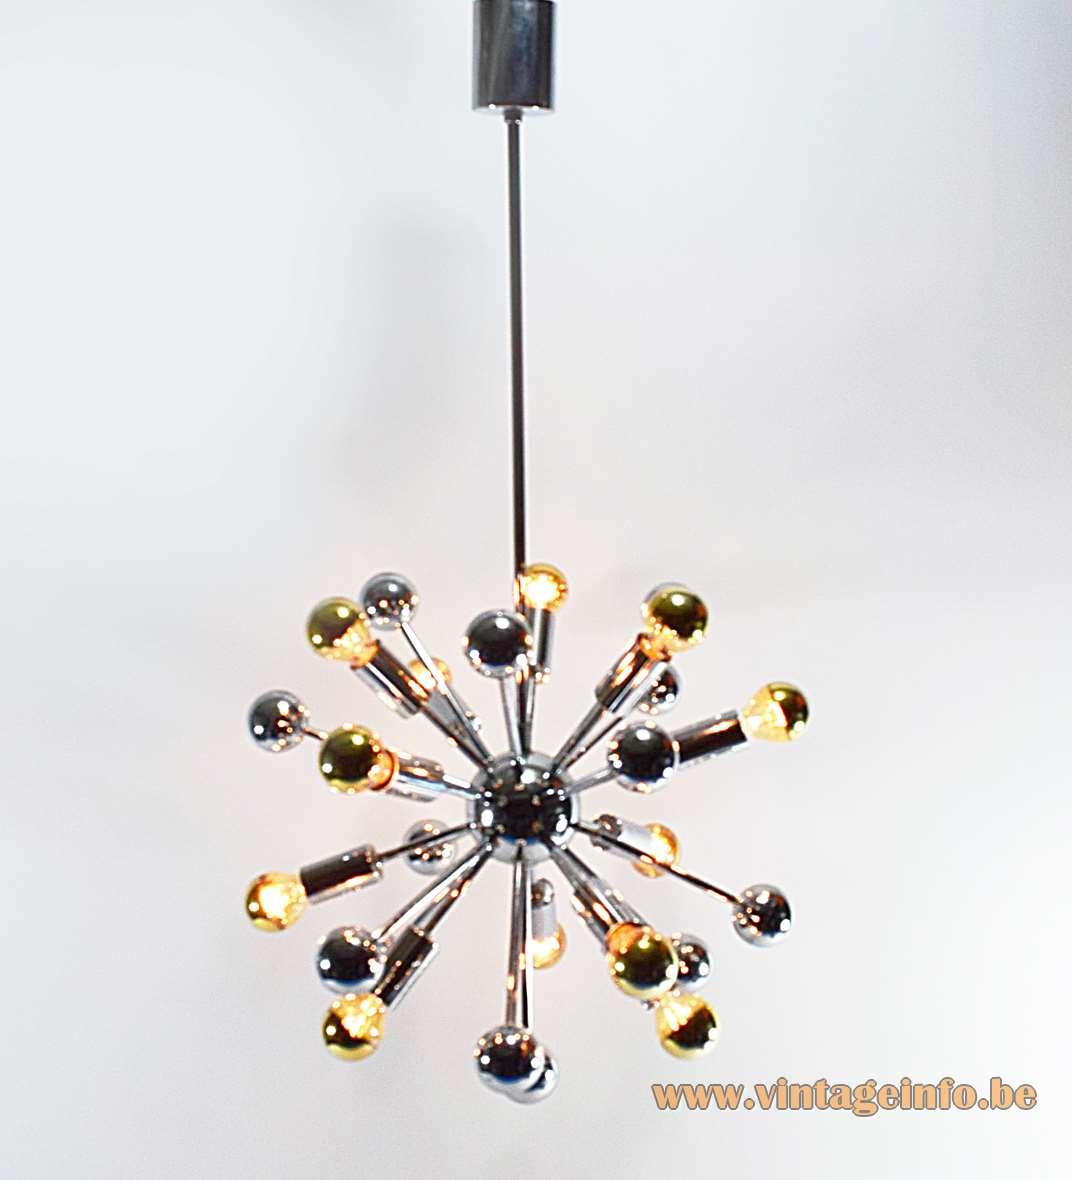 1960s Chrome Sputnik Chandelier 12 silver-capped light bulbs Boulanger Belgium MCM 1970s